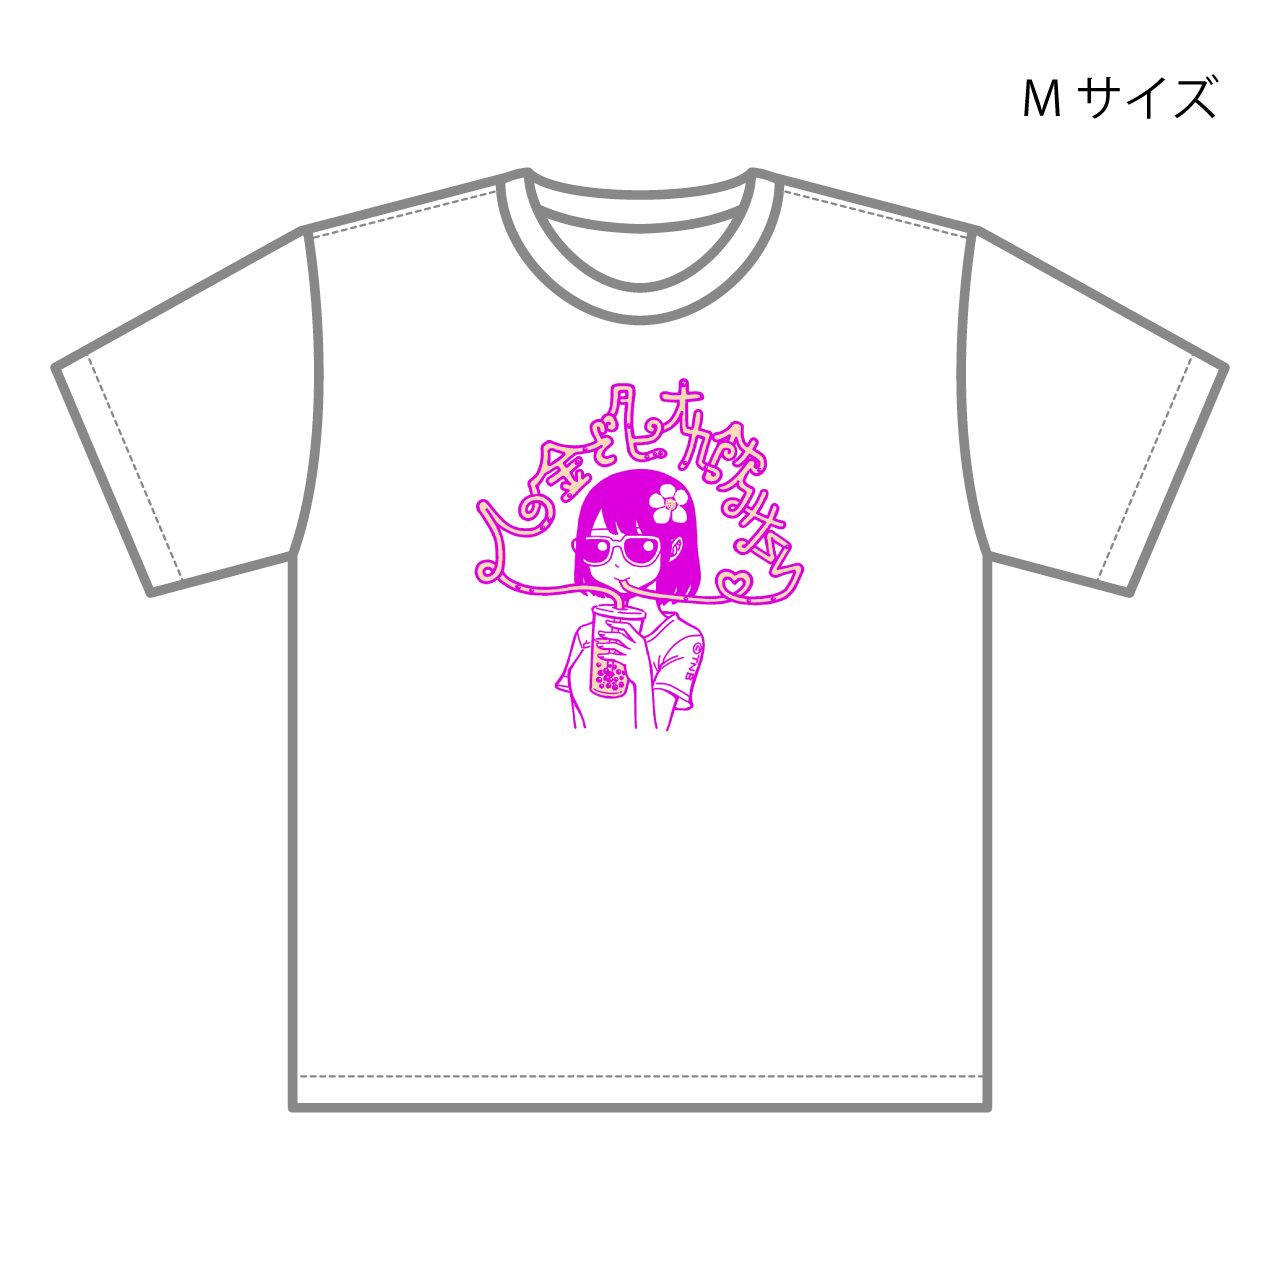 【数量限定】TOKYO TAPIOCA LAND 田辺洋一郎×劇場版ゴキゲン帝国/人の金でタピオカ飲みたいTシャツ/サイズM